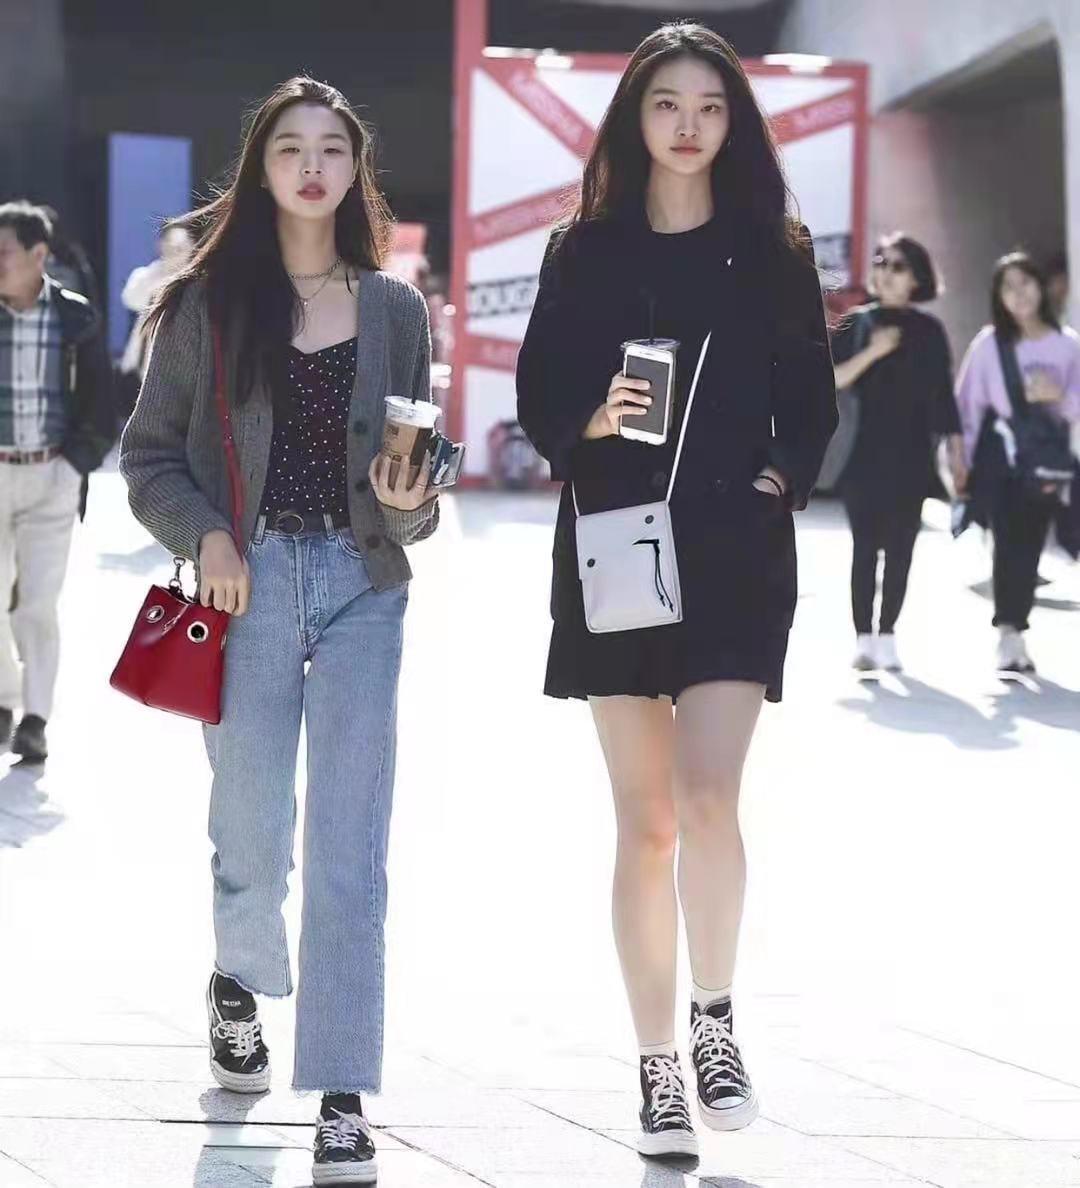 還是韓國街拍最自然,一點也不辣眼睛!穿搭簡約時尚值得借鏡 形象穿搭 第3張